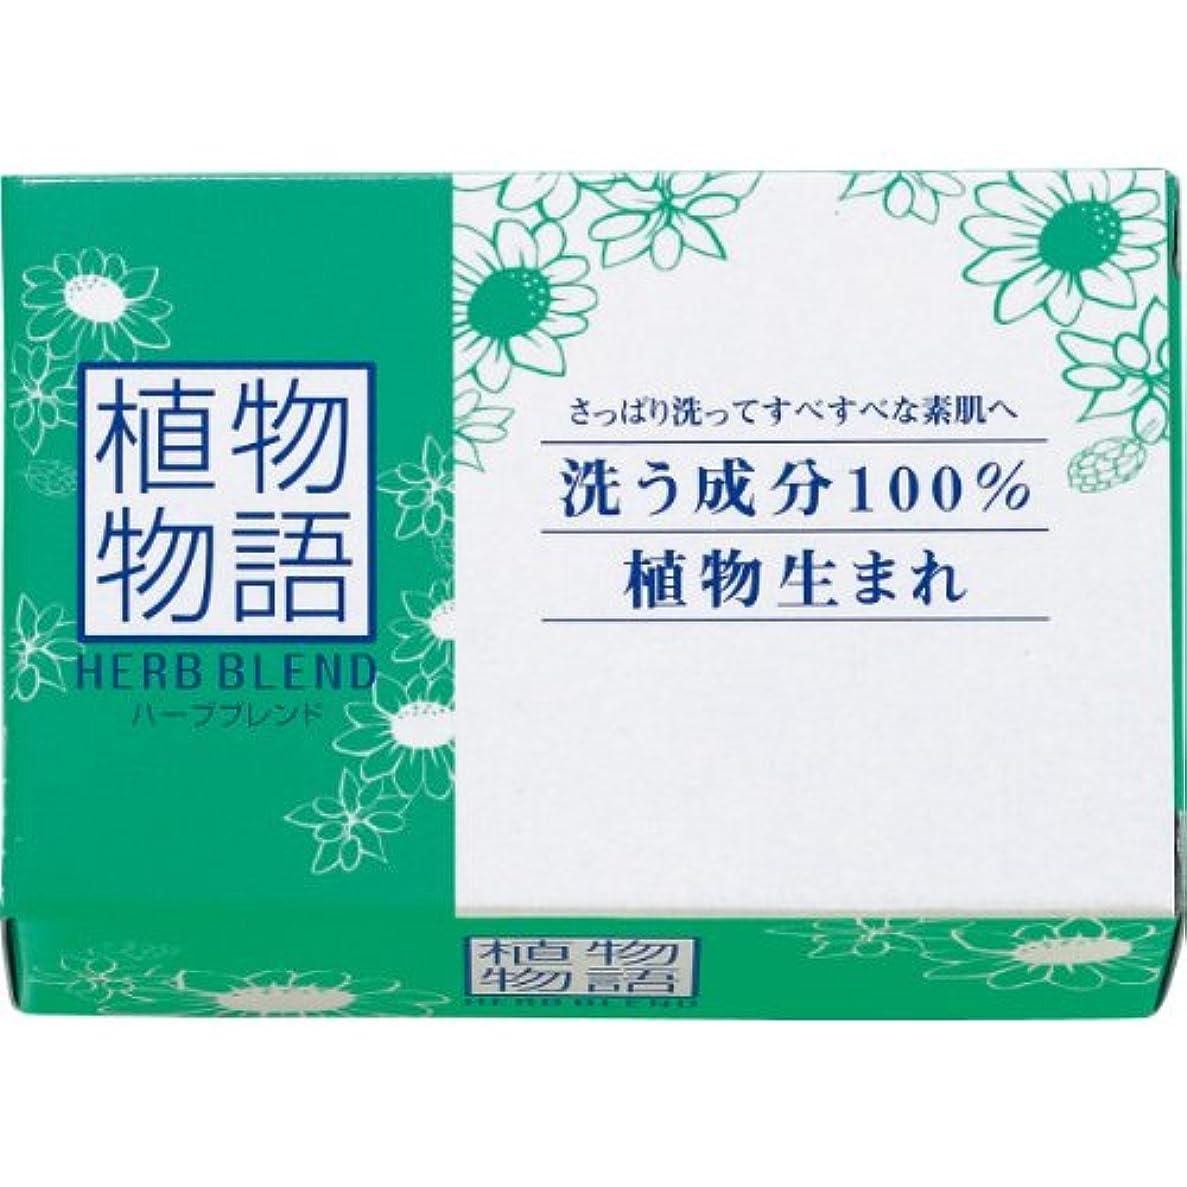 住居電気陽性発明【ライオン】植物物語ハーブブレンド 化粧石鹸 80g